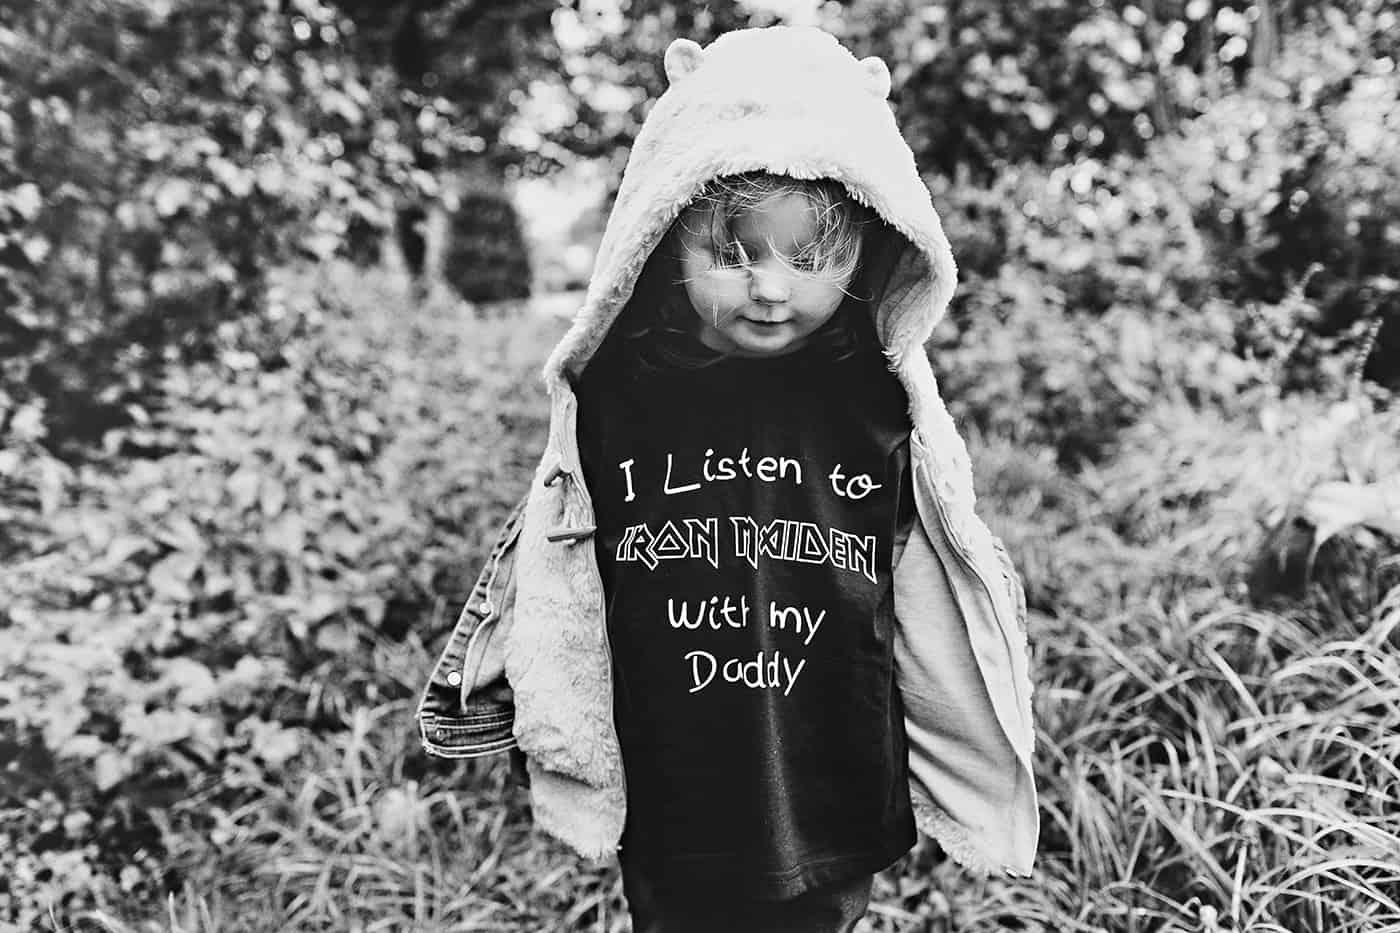 Metal kid